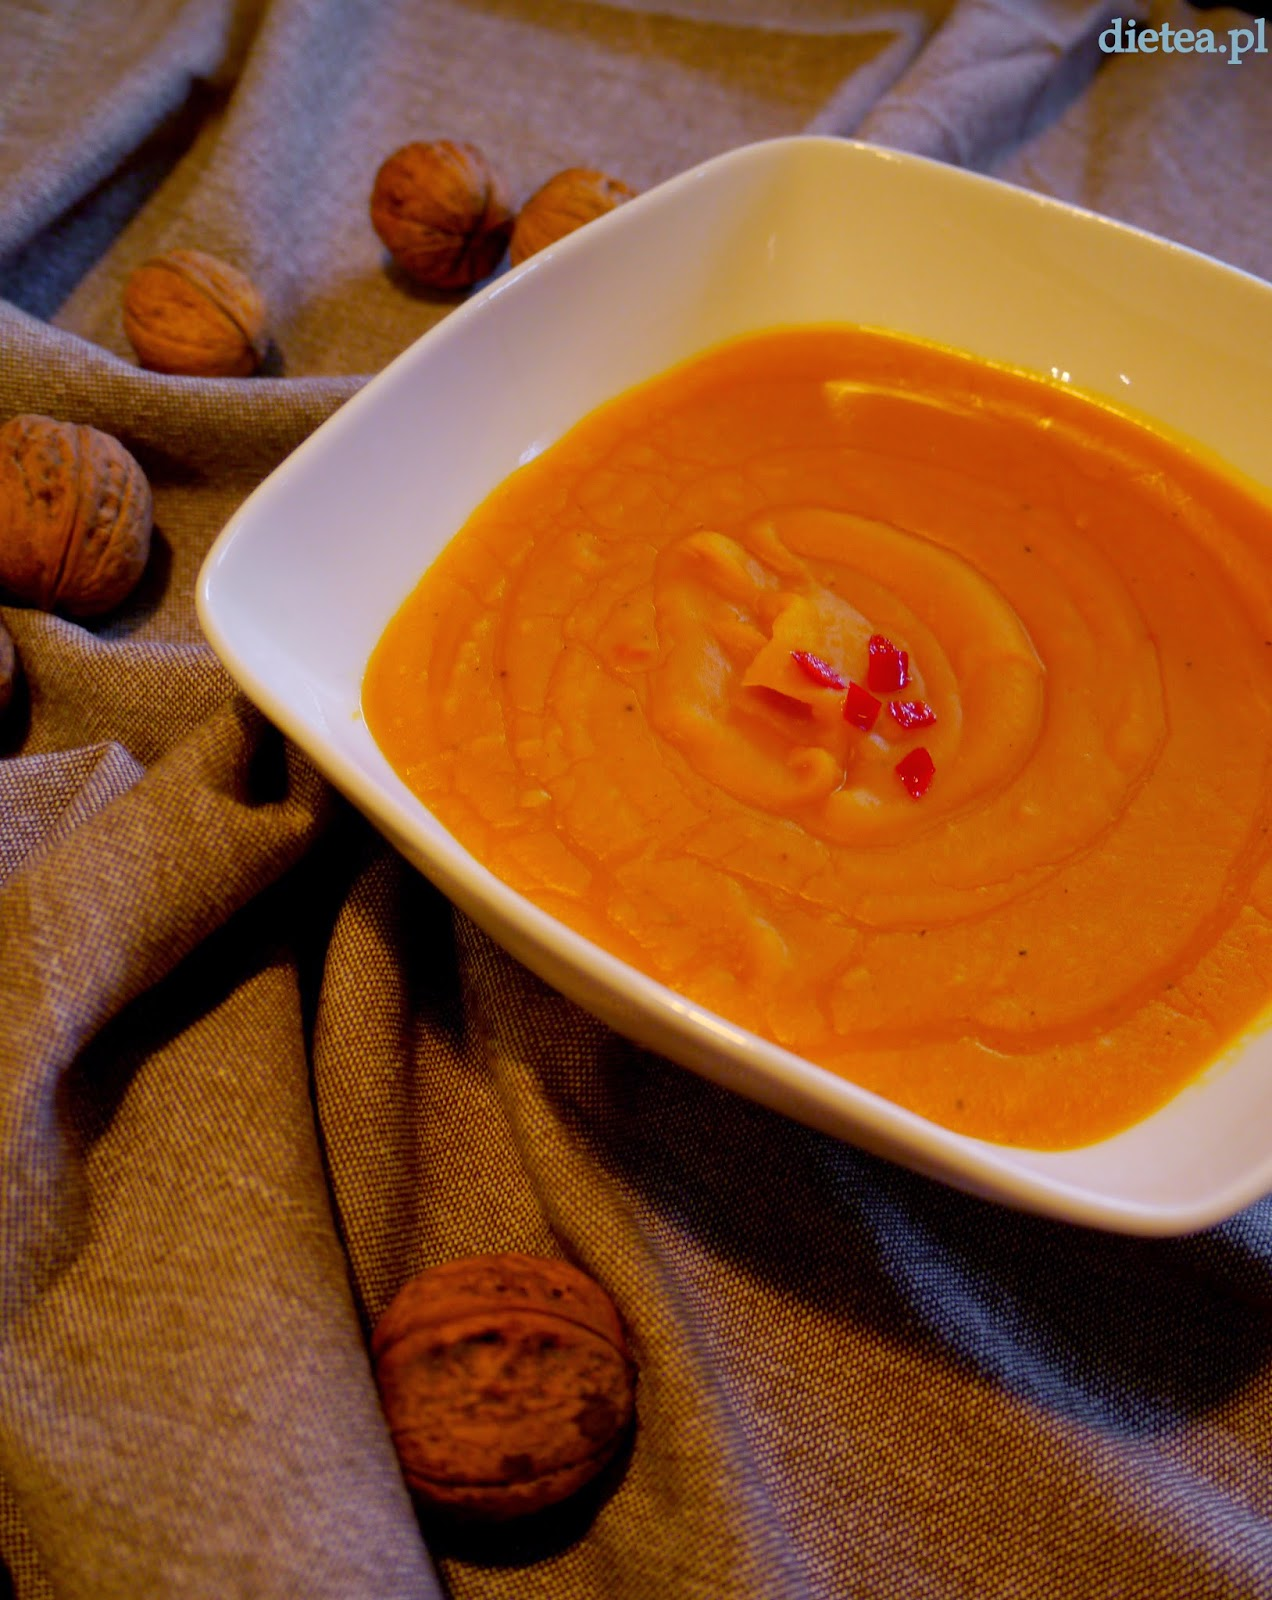 Rozgrzewająca zupa dyniowa z imbirem i chili